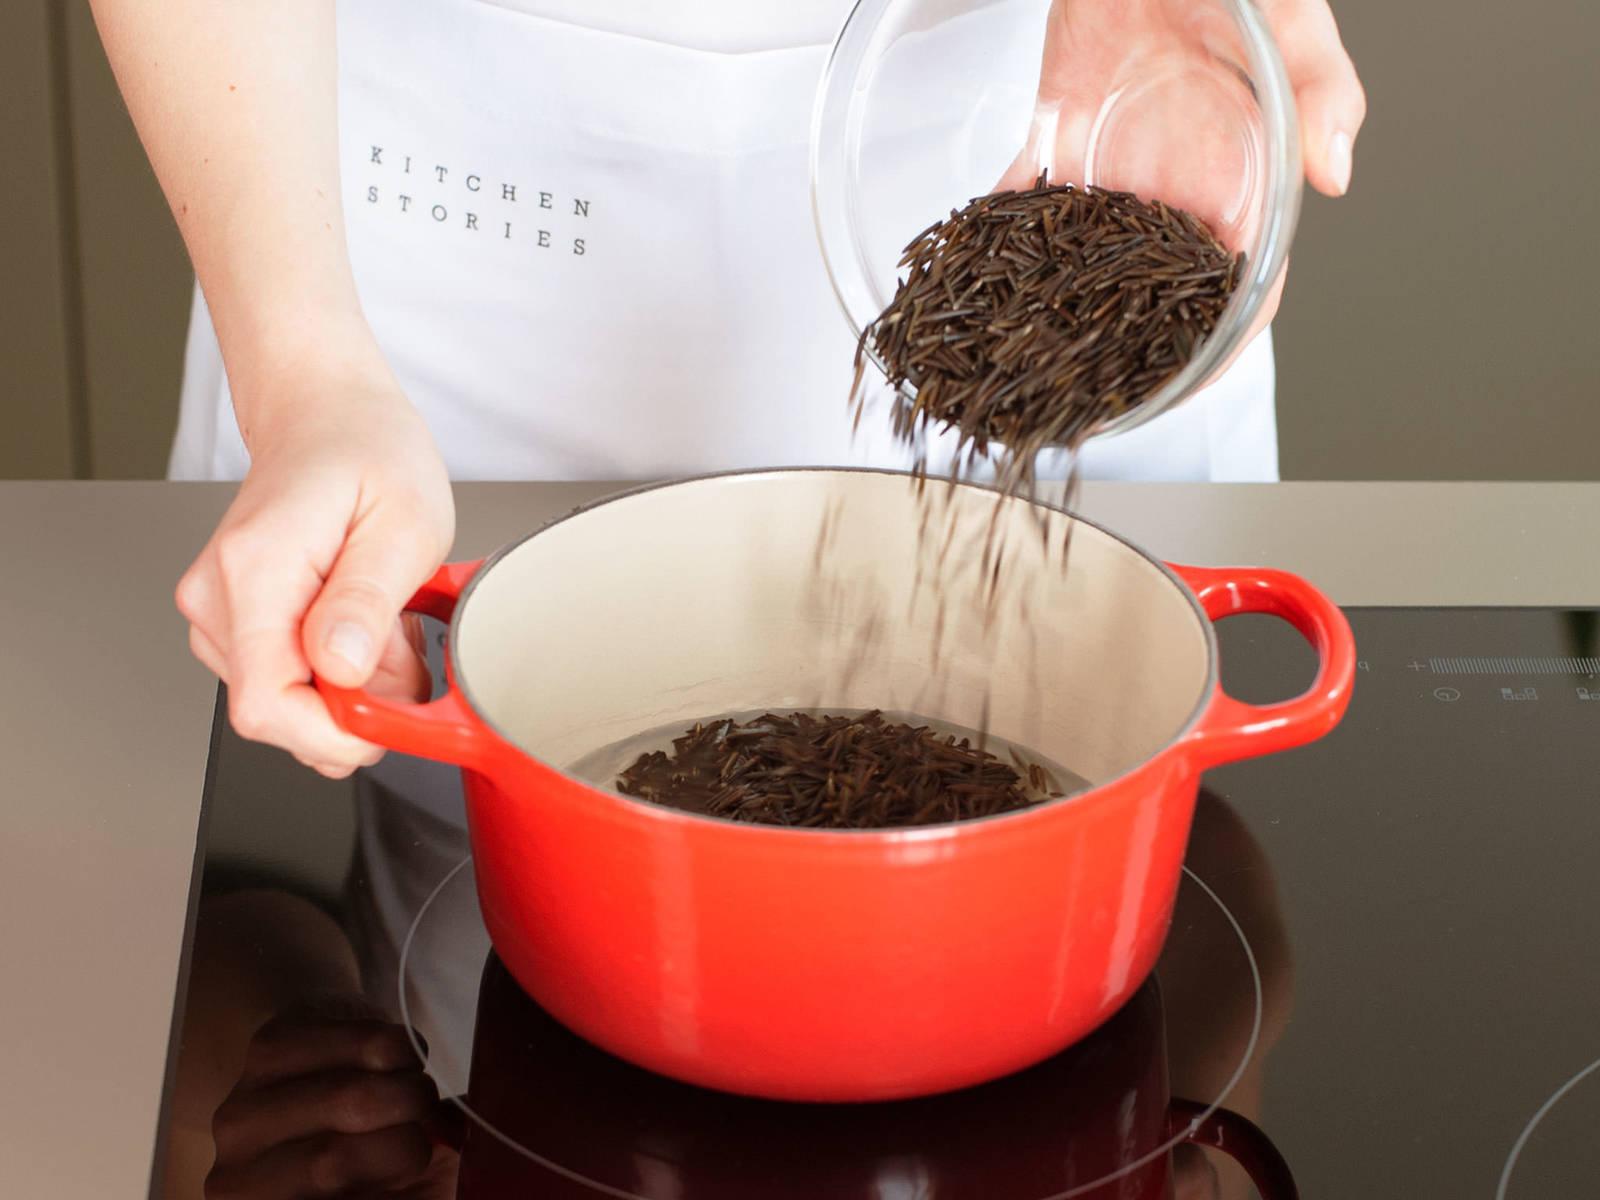 Wildreis in gesalzenem Wasser zum Kochen bringen und bei geringer Hitze abgedeckt ca. 35 – 40 Min. kochen. Vom Herd nehmen und beiseitestellen.